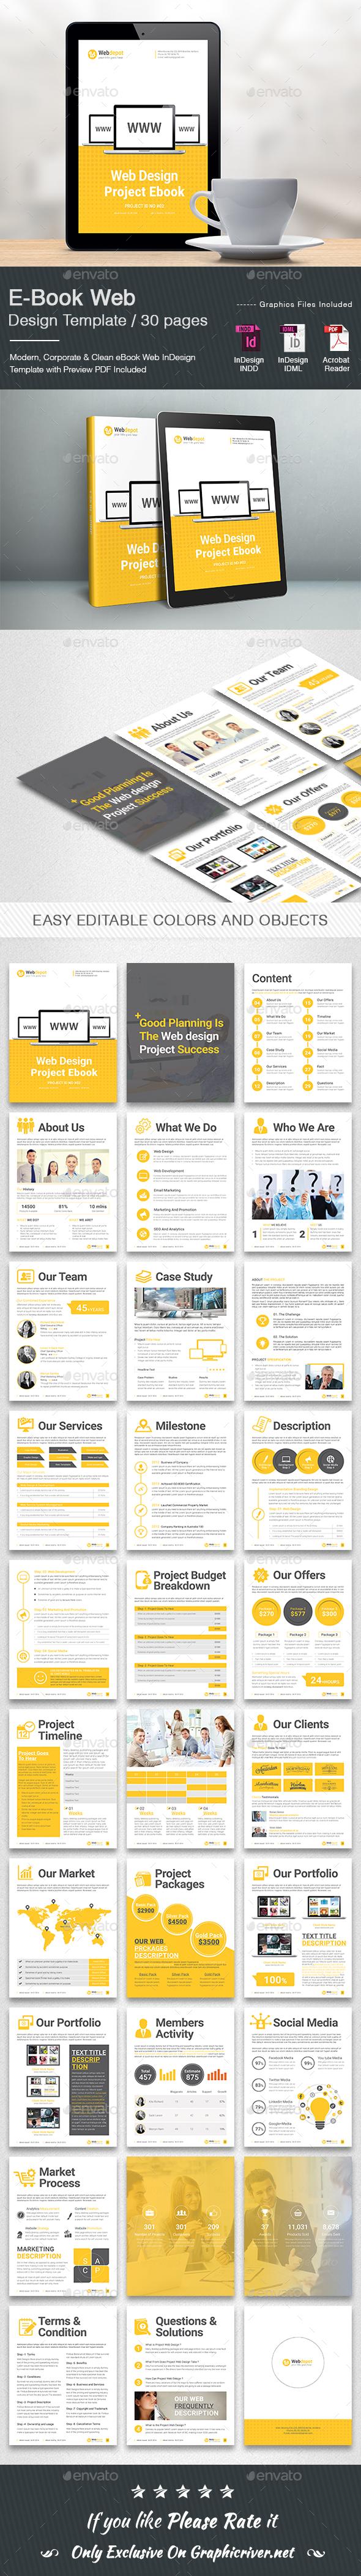 E-Book Web Design - Digital Magazines ePublishing